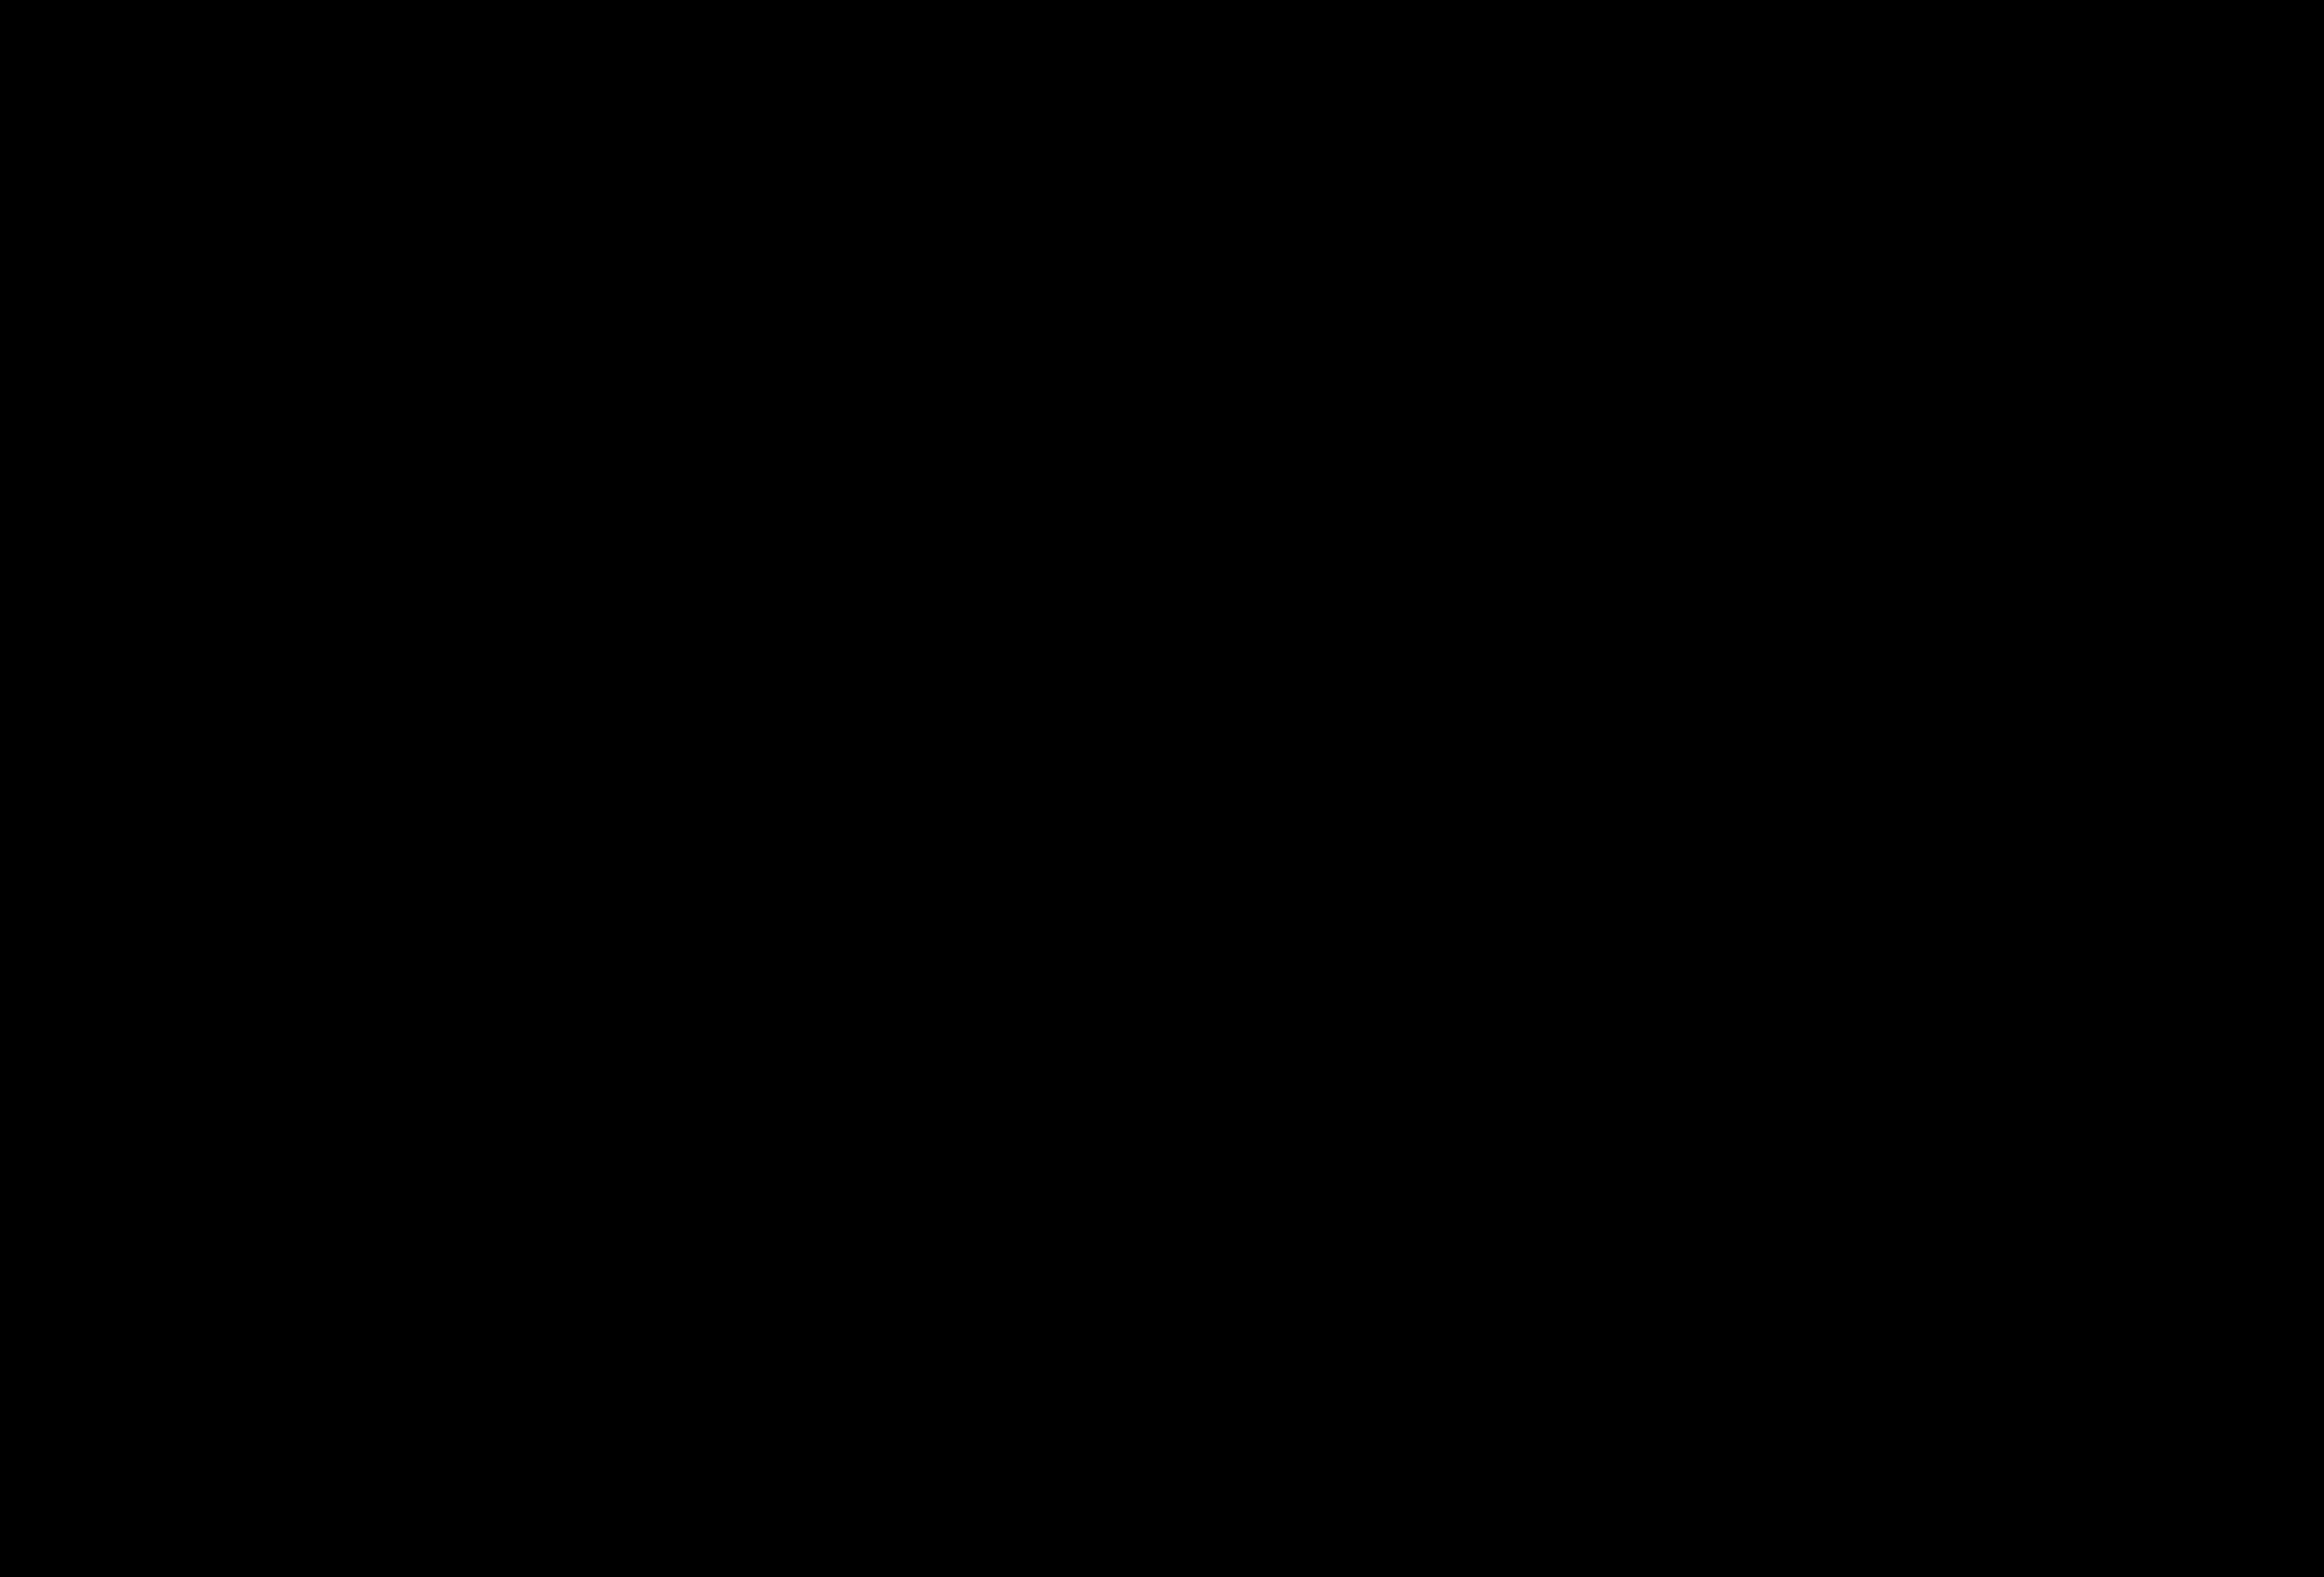 SHEET 2-Sheet 1.jpg